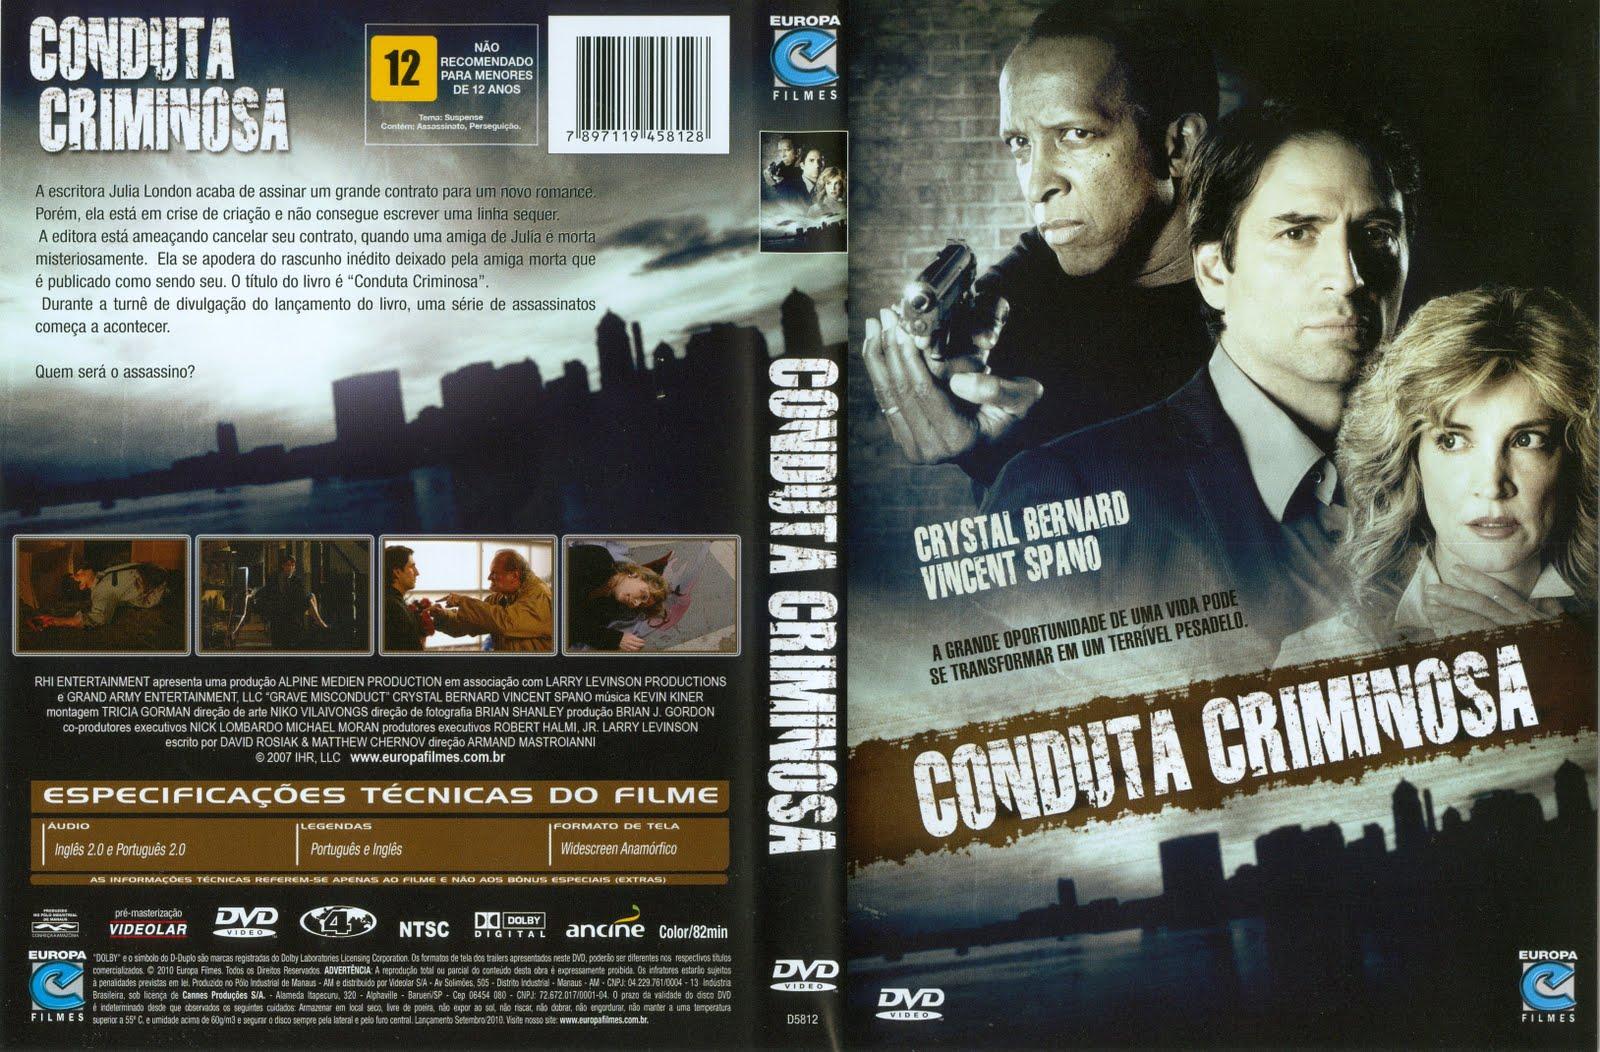 http://4.bp.blogspot.com/_56N_enXK-4o/TRnJH-65rzI/AAAAAAAAAbE/mGxaOrCikgg/s1600/Conduta-criminosa1.jpg